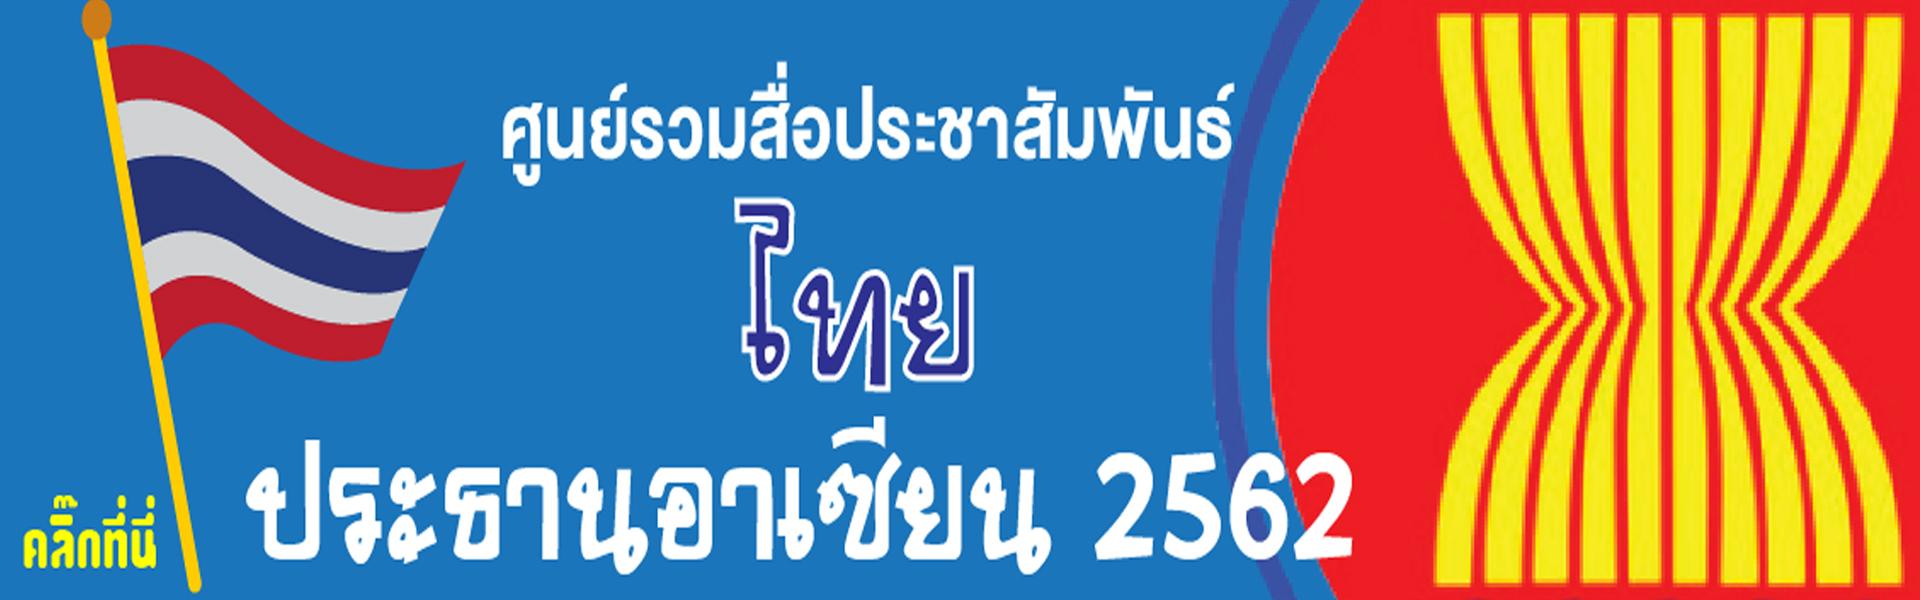 ประธานอาเซียนของไทย